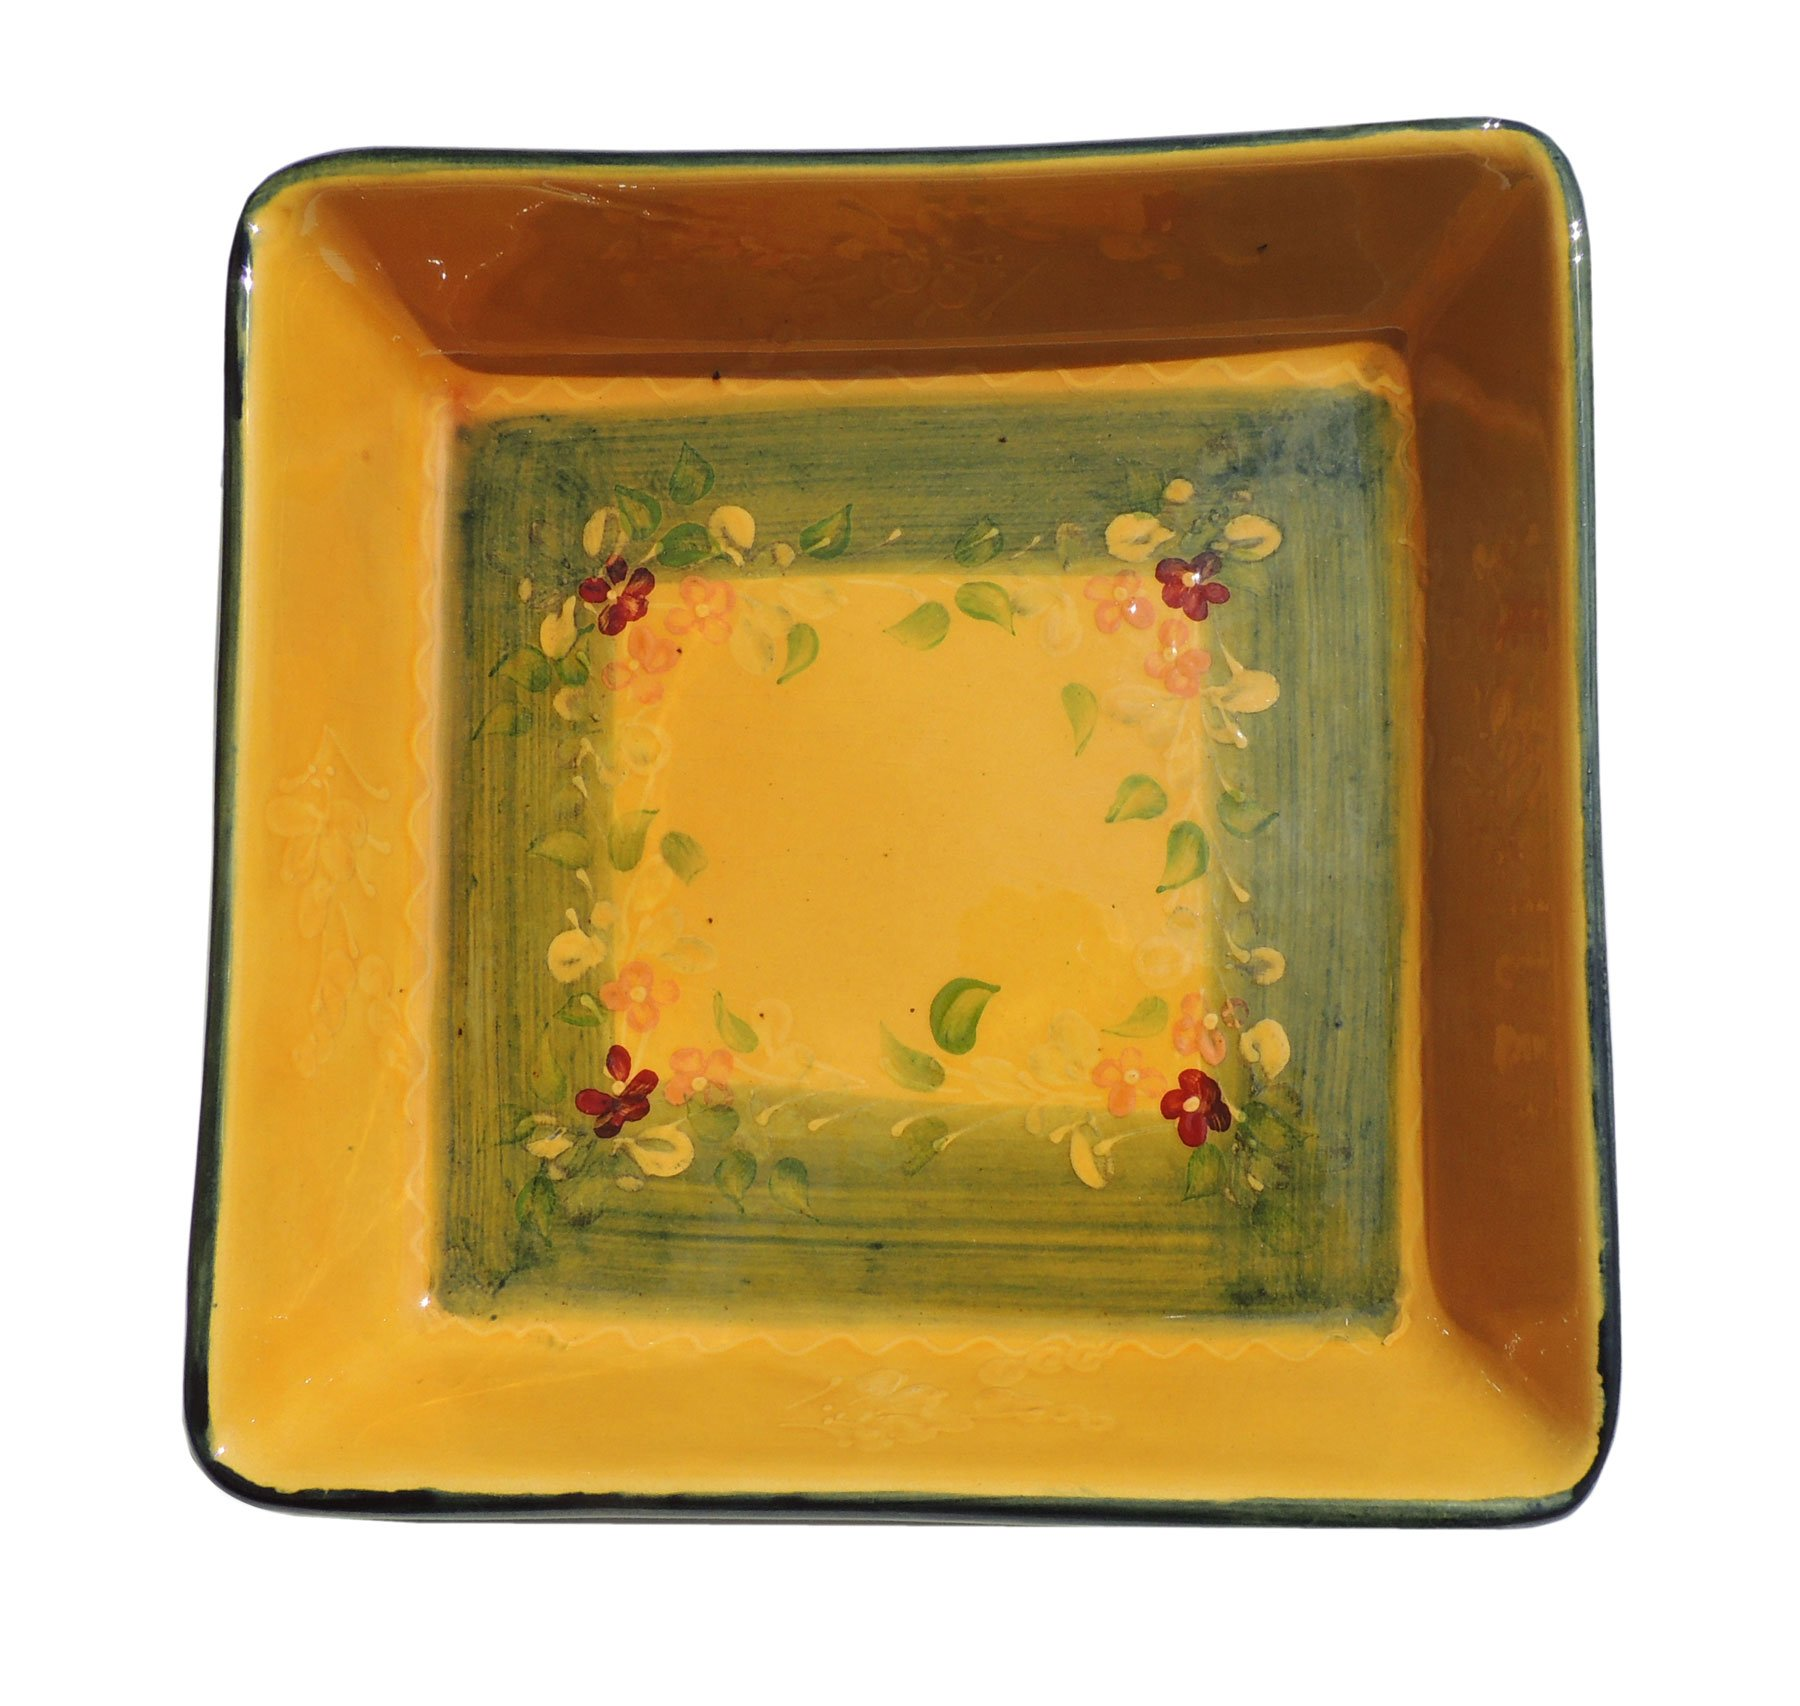 Souleo Provence Terre e Provence Pottery - Square Gratin Dish